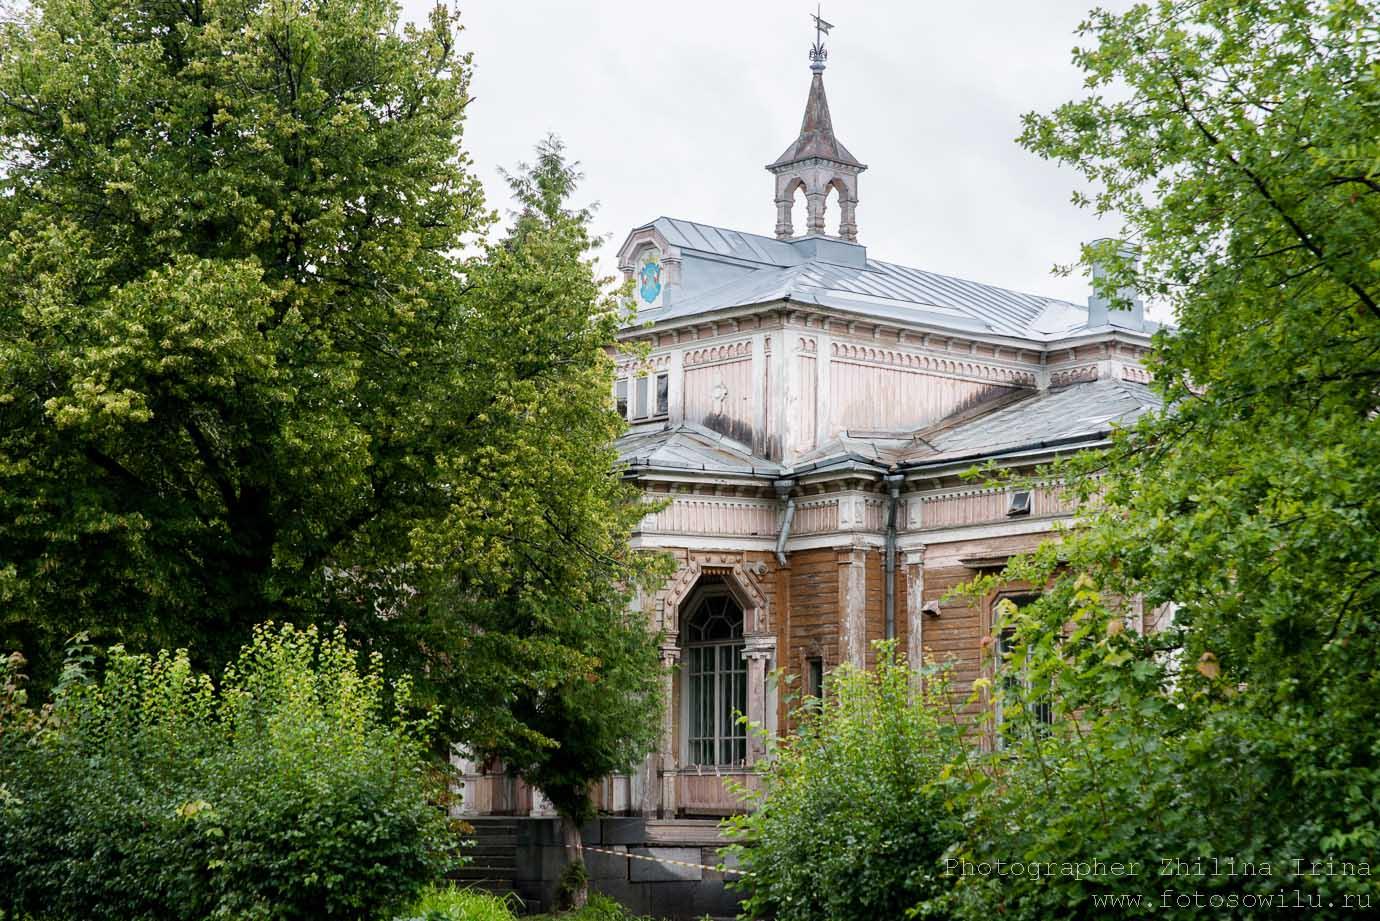 Сортавала, ратуша, туризм в России, чьто смотреть в России, куда поехать в России, туры по России